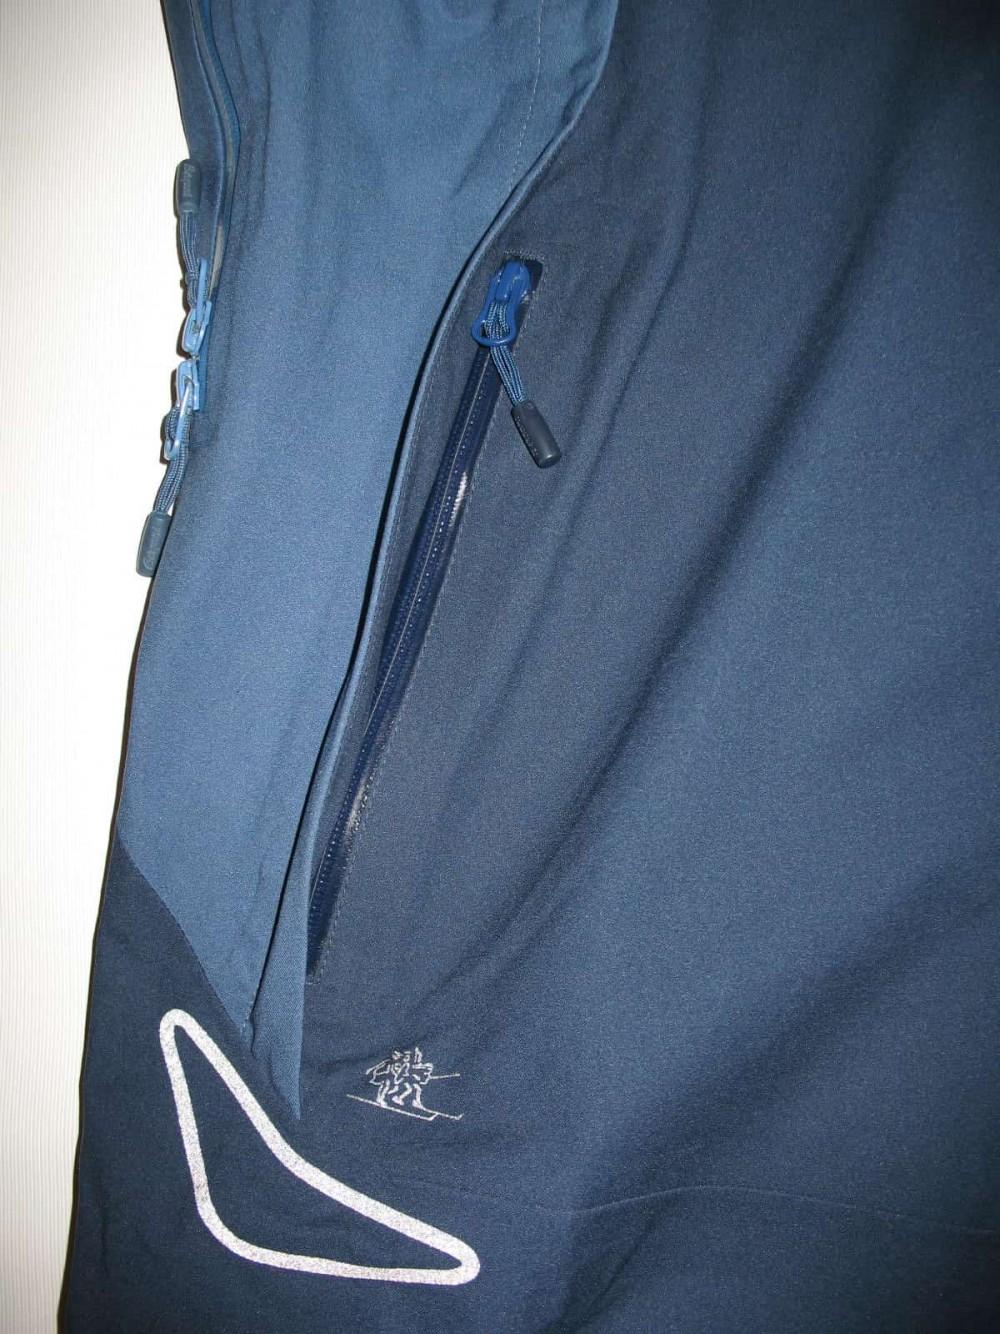 Куртка BERGANS luster jacket (размер XL) - 10